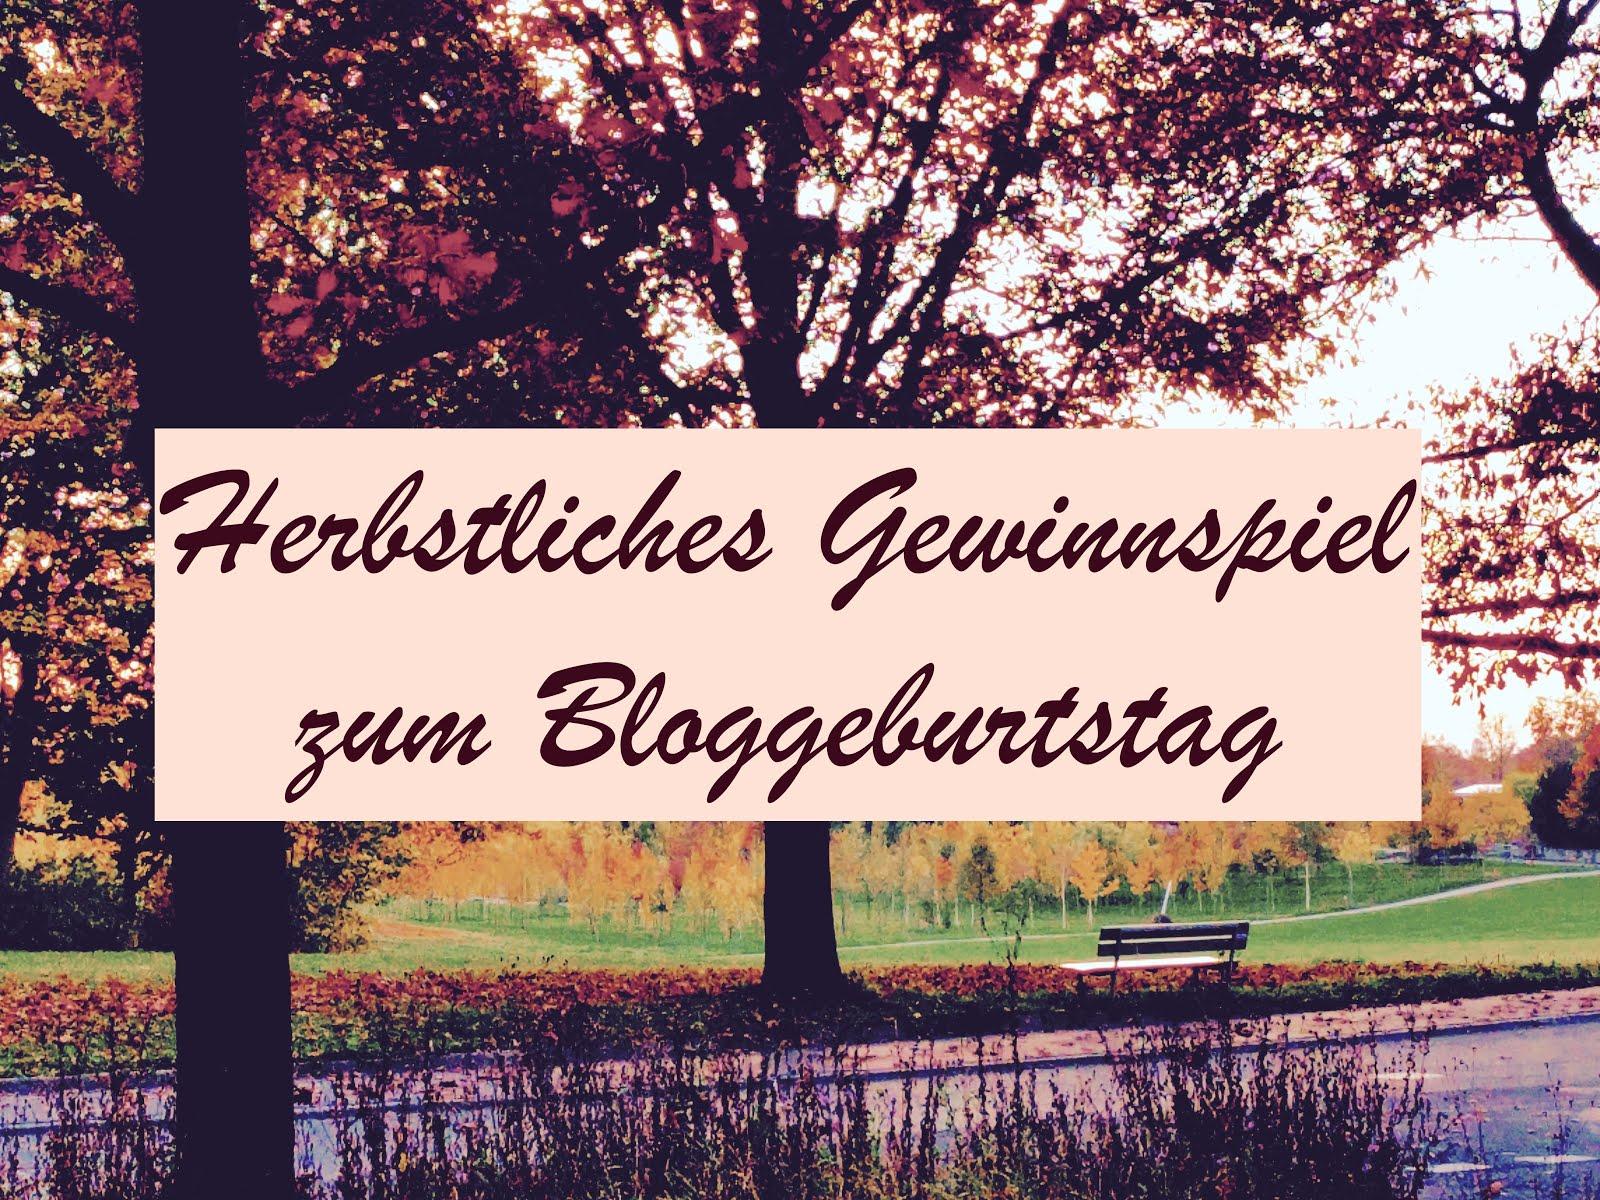 Gewinnspiel zum Bloggeburtstag